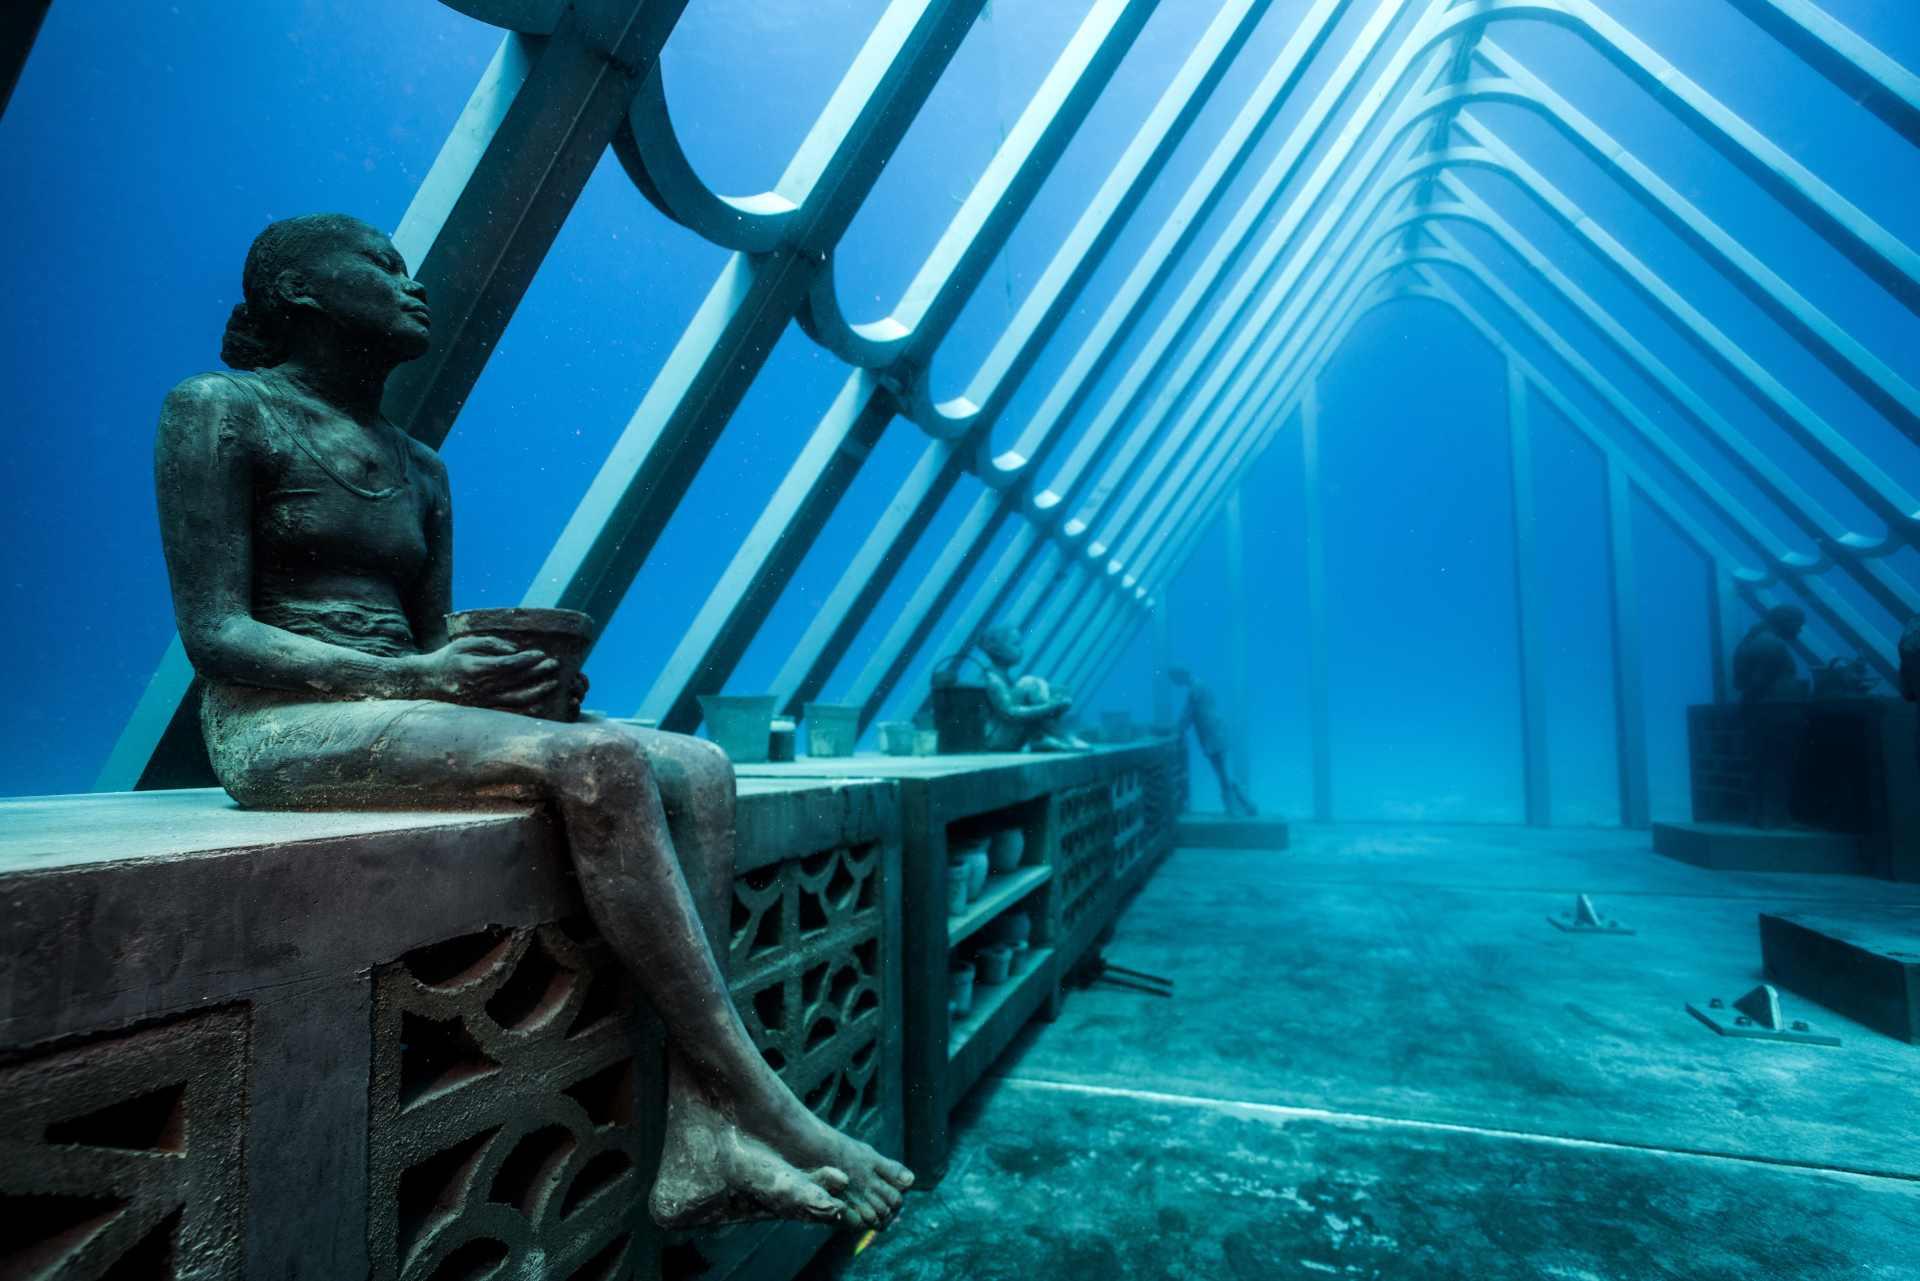 Skulpturen im Unterwasser-Museum von Townsville